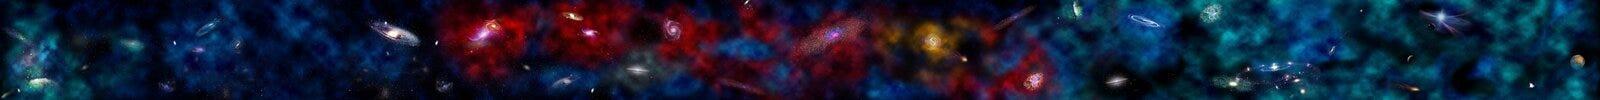 Univers d'étoile de fond Image libre de droits